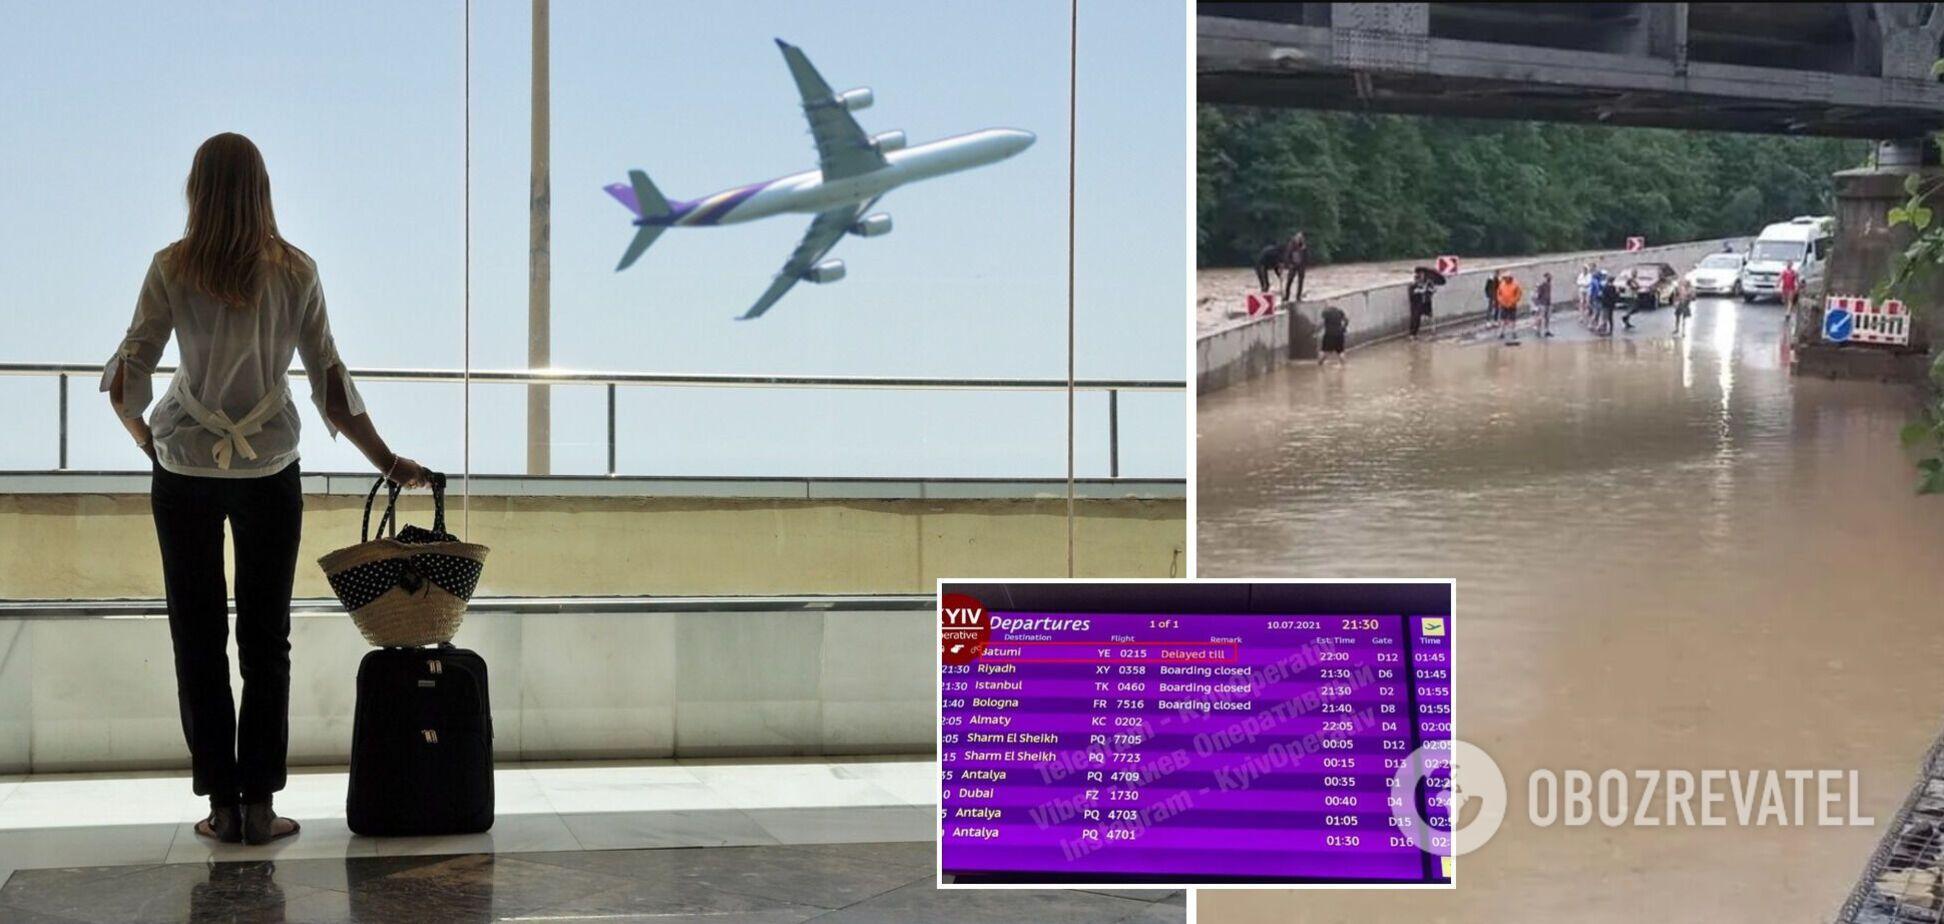 Новости Украины: в 'Борисполе' застрял рейс в Батуми, а Закарпатье ушло под воду после ливня